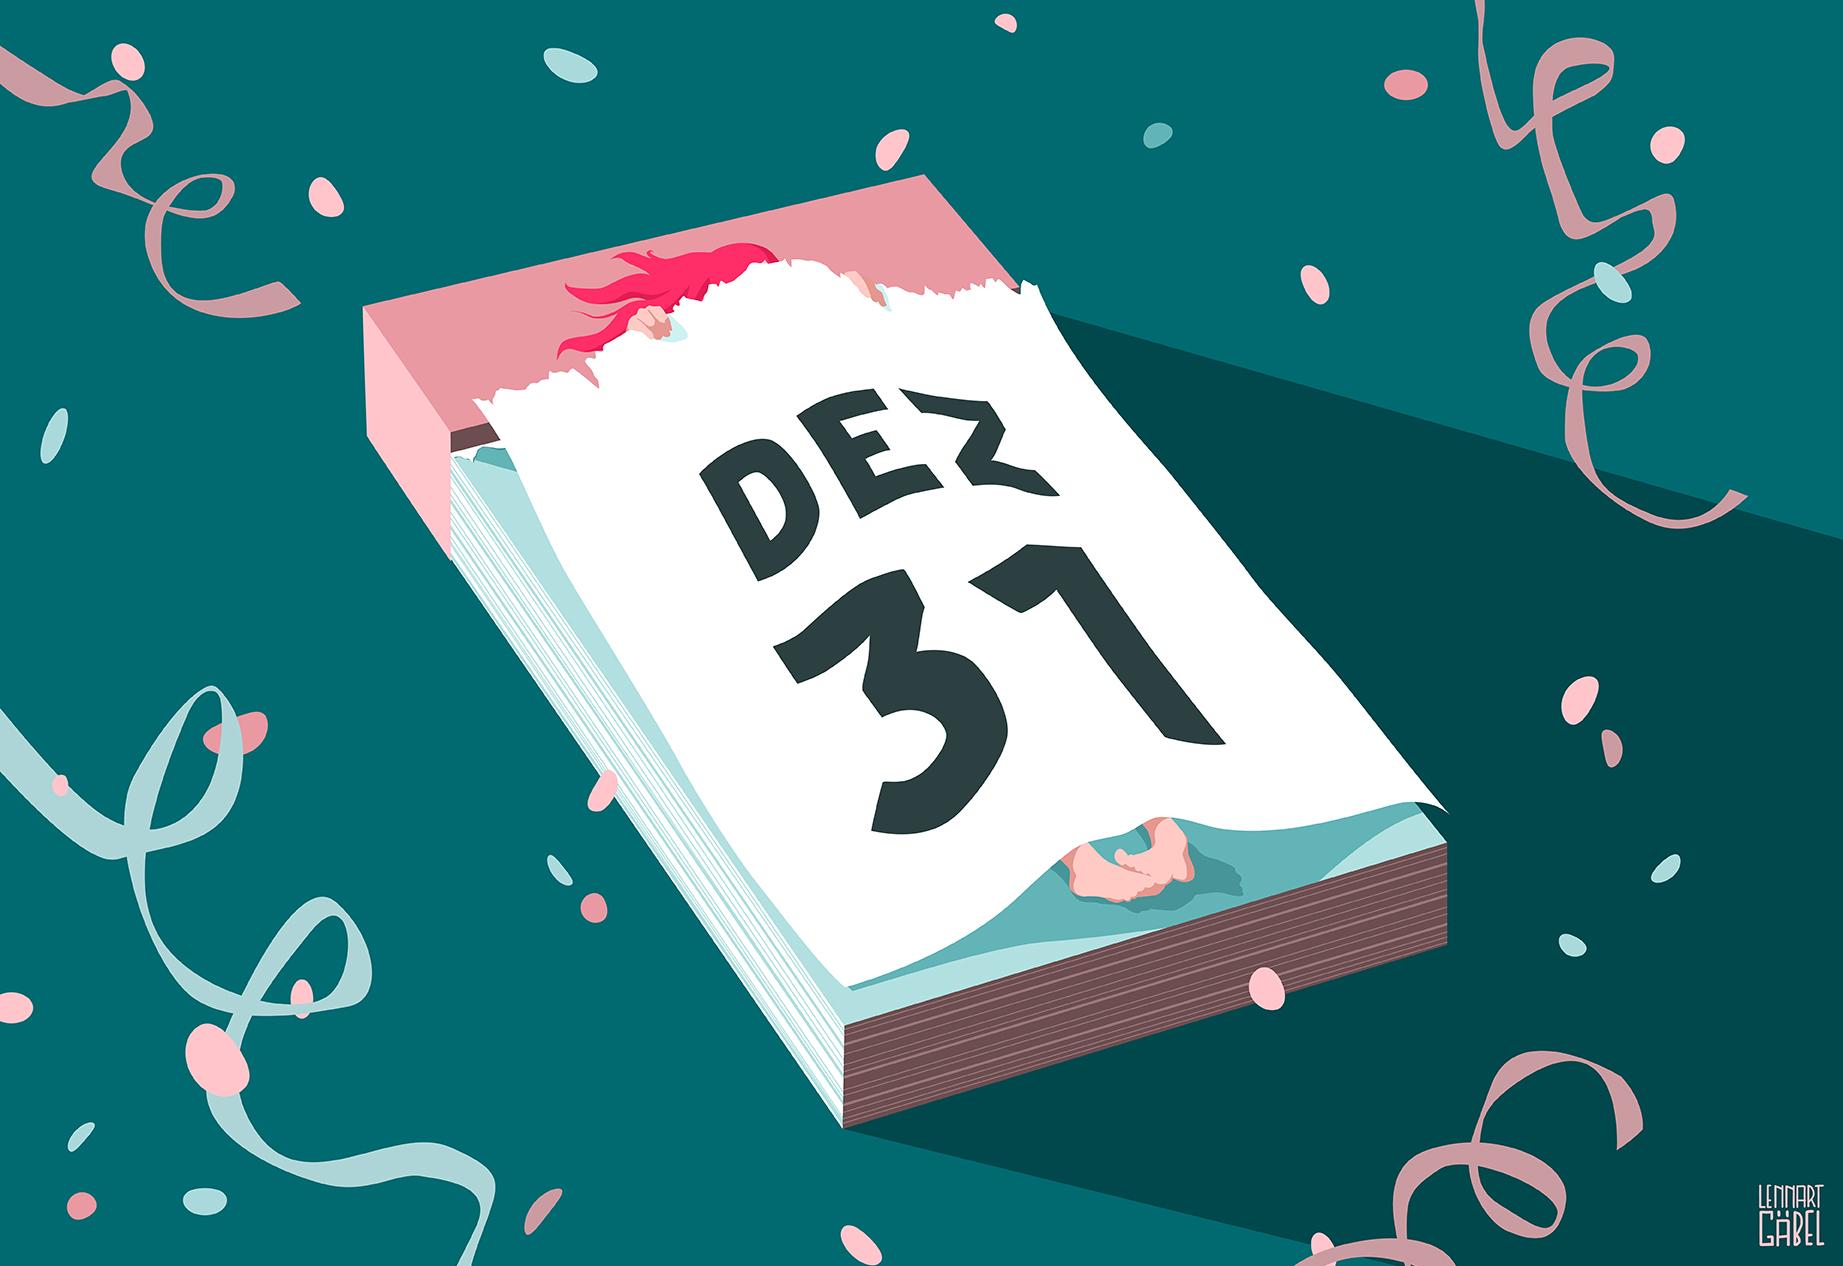 161230_bento_Silvester_Lennart_Gaebel_Illustration_72dpi_neu.jpg